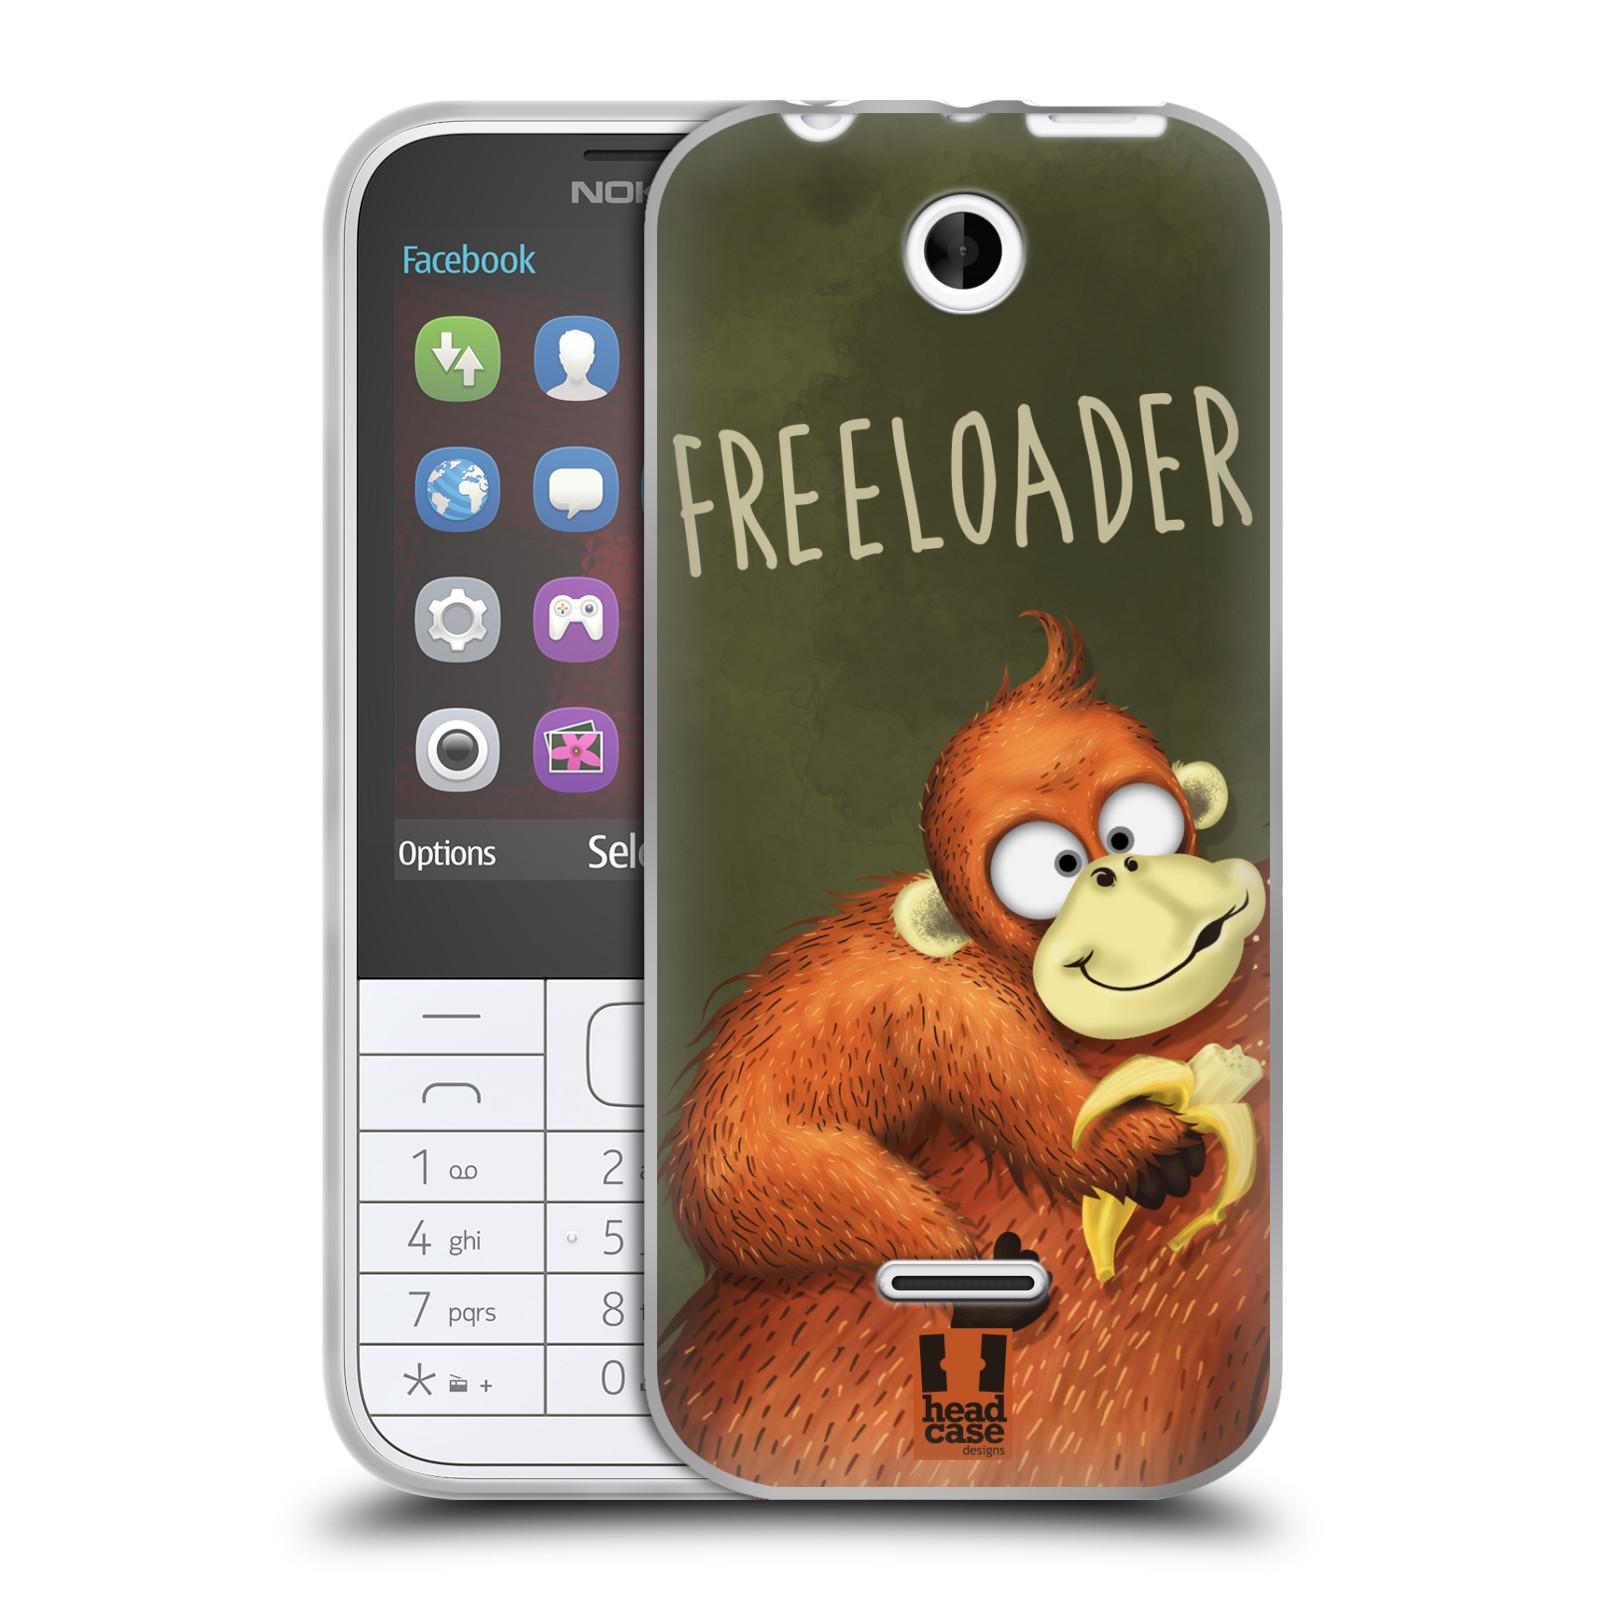 Silikonové pouzdro na mobil Nokia 225 HEAD CASE Opičák Freeloader (Silikonový kryt či obal na mobilní telefon Nokia 225)